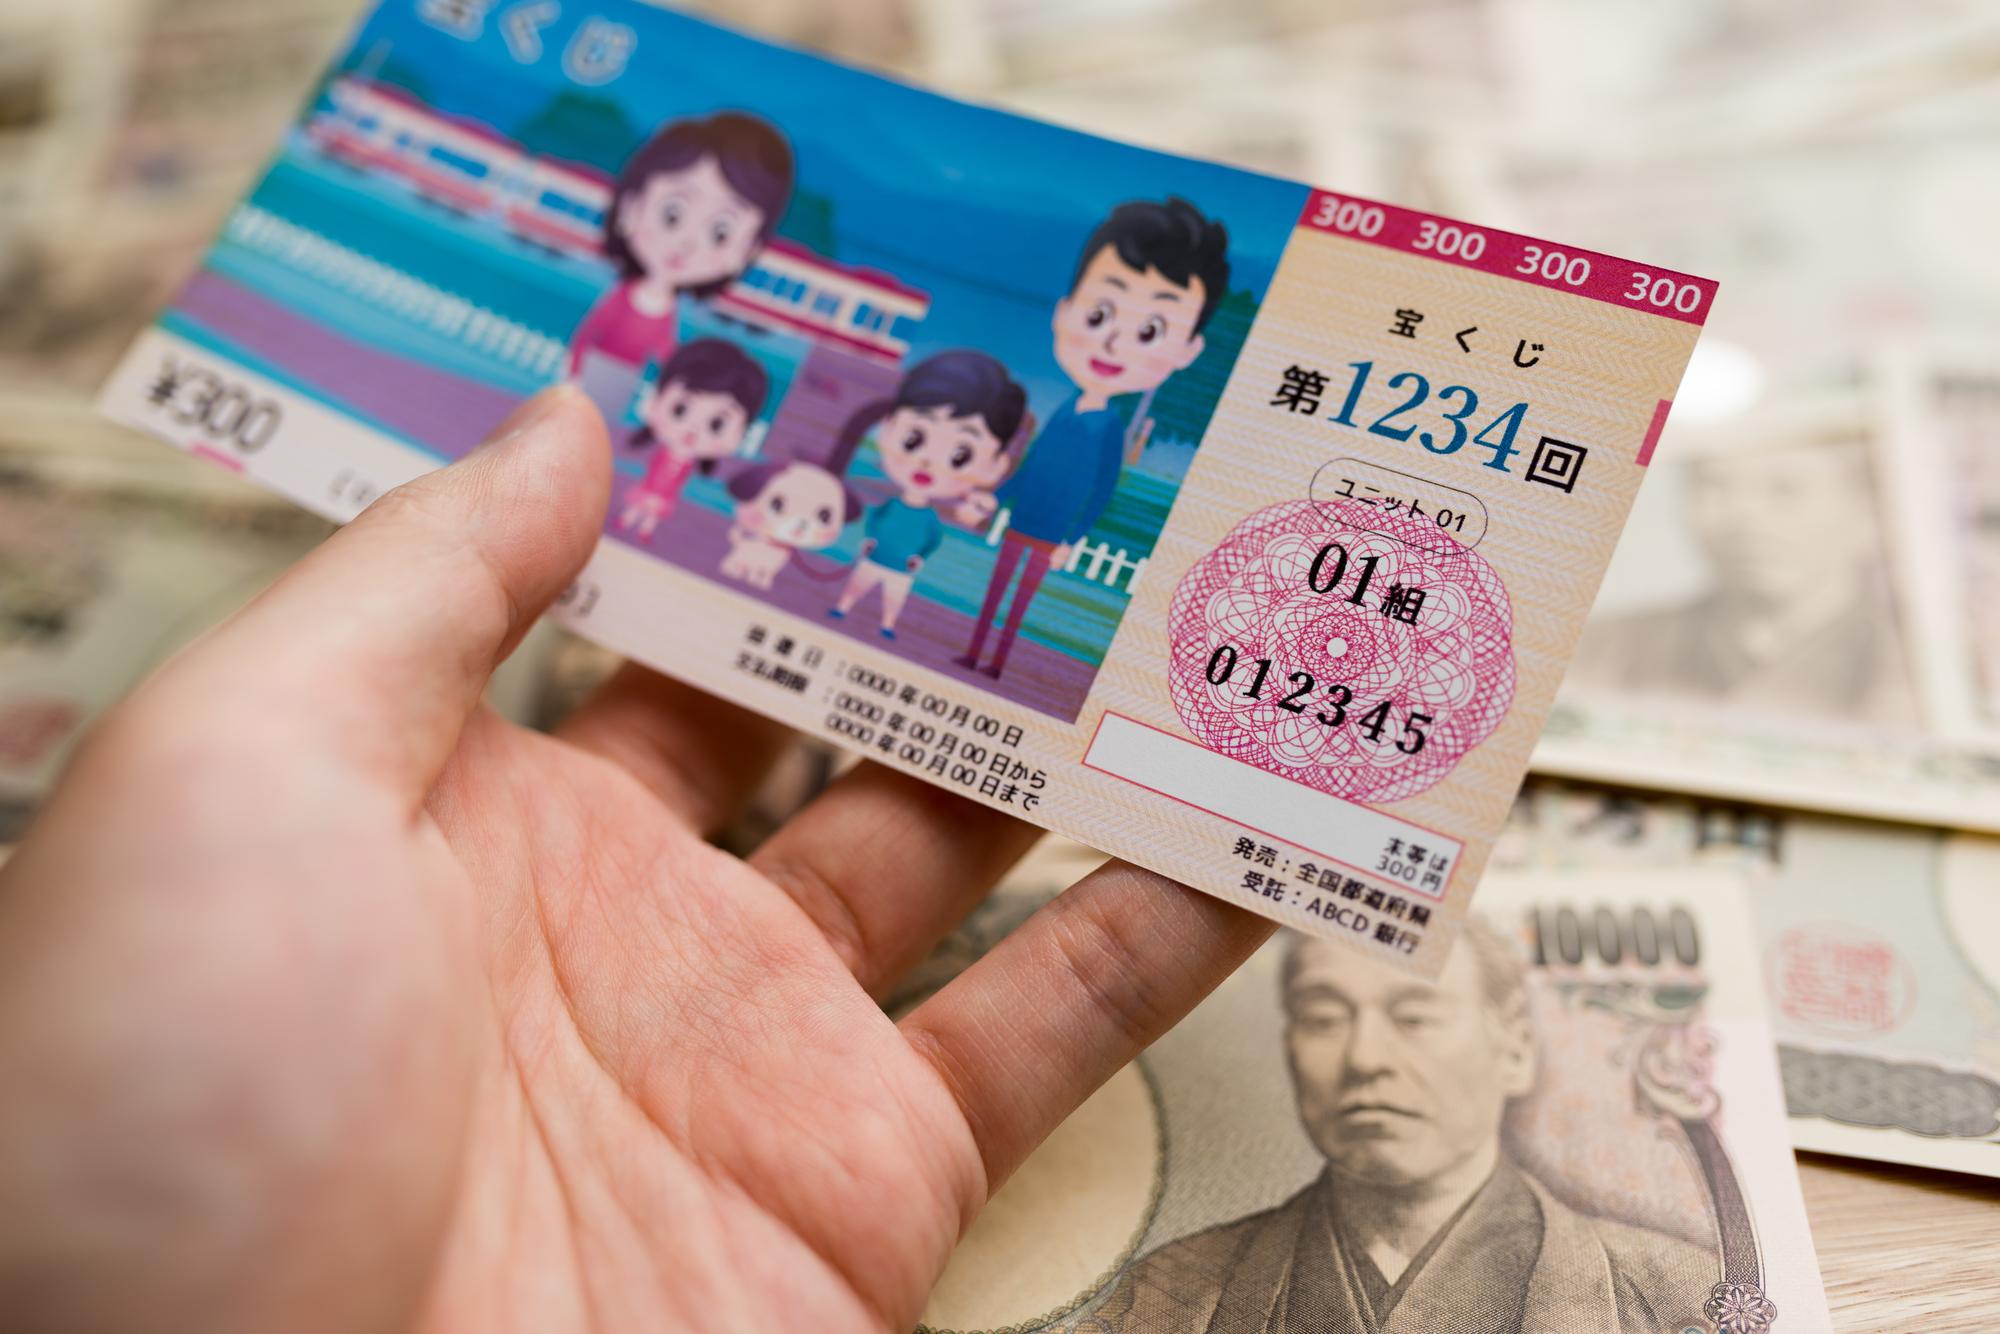 歴史や価値とともに変化する「お値段」⑨ ── 宝くじ